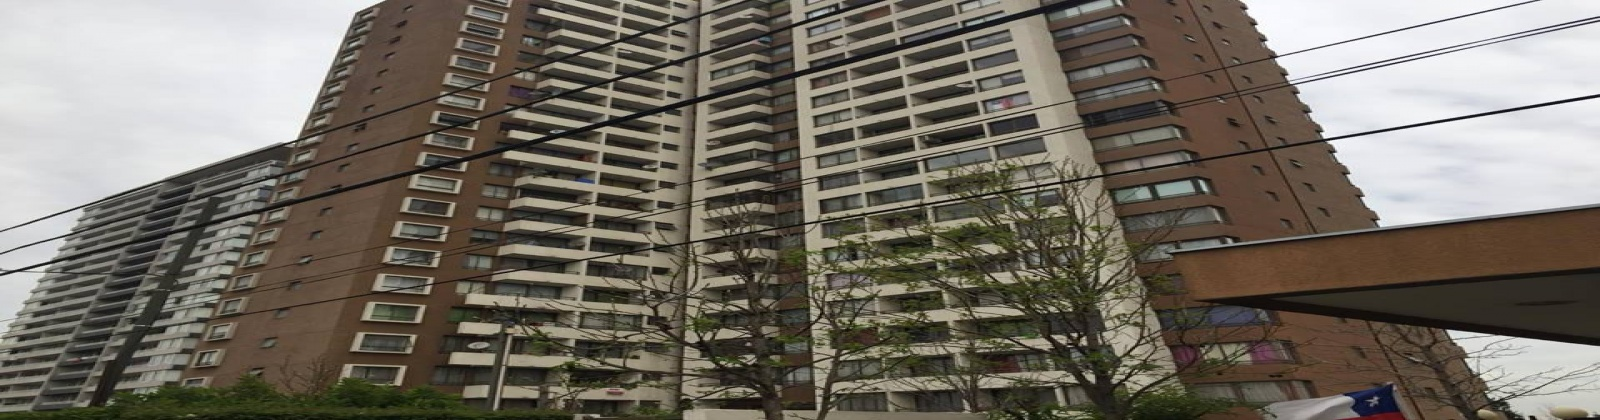 1264 Av Américo Vespucio, Maipú, R. Metropolitana, 1 Dormitorio Bedrooms, ,1 BañoBathrooms,Departamento,Venta,Av Américo Vespucio,22,1010